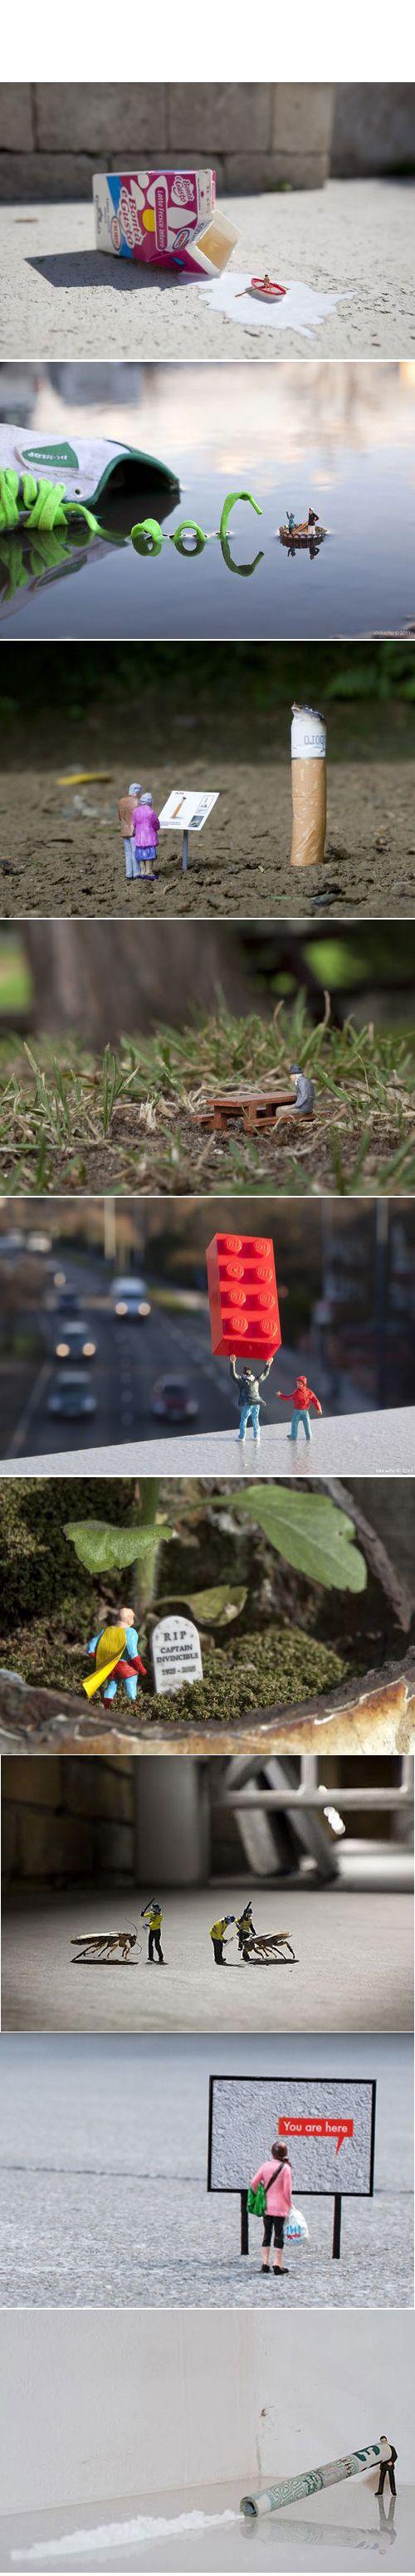 """""""Little People Project"""" Gallery by Slinkachu"""